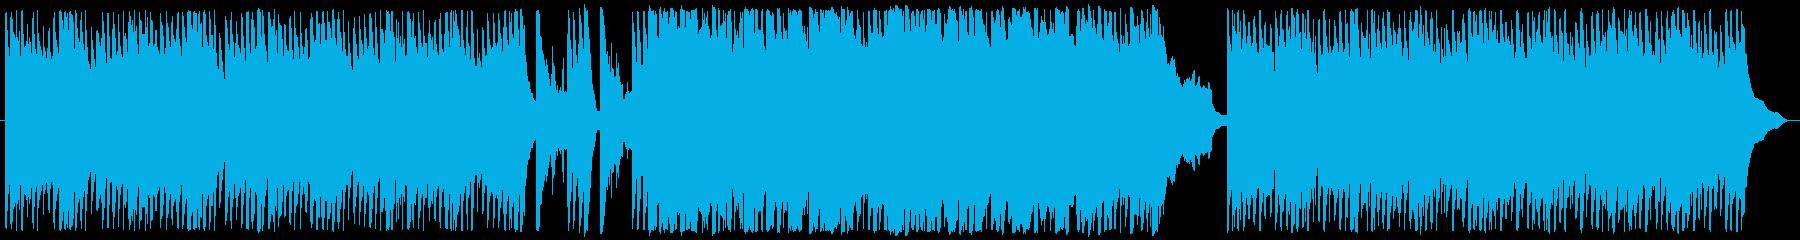 絶えず流れる水面のピアノ曲の再生済みの波形